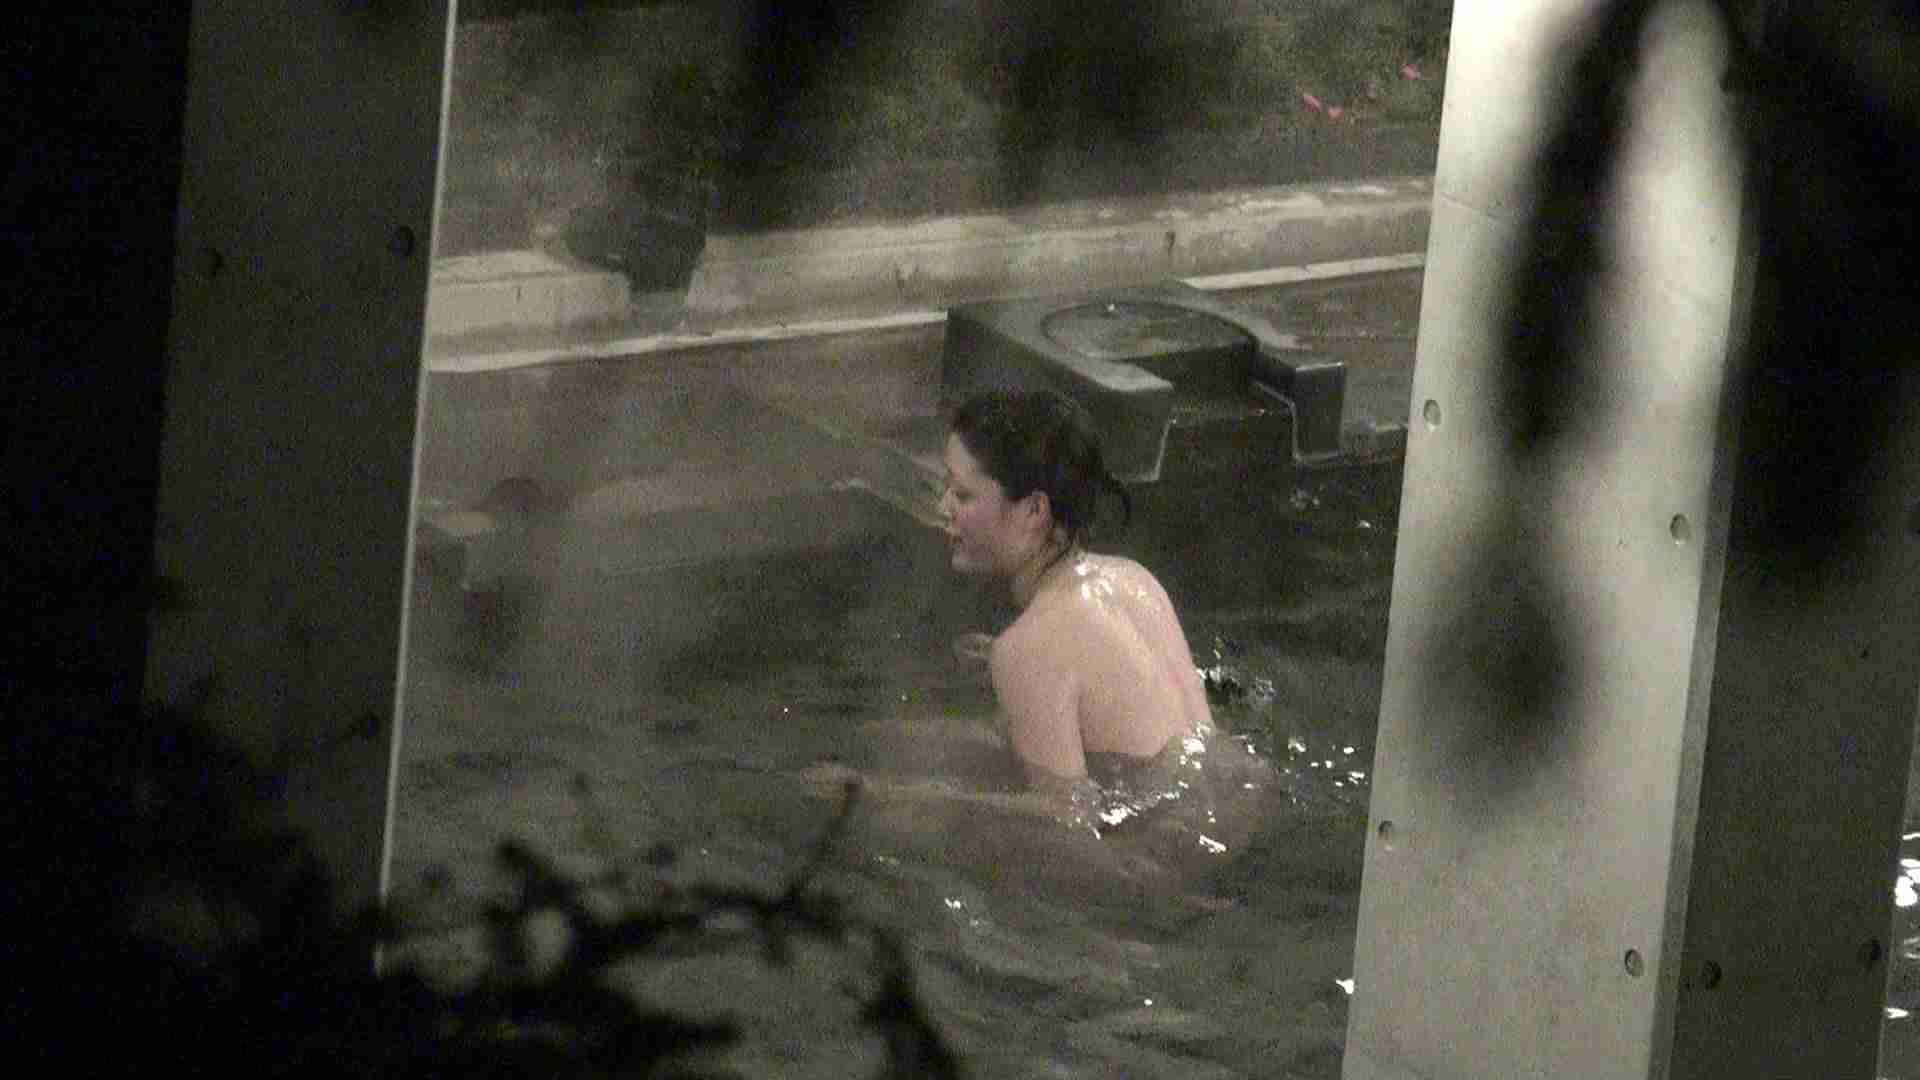 Aquaな露天風呂Vol.365 OL女体   女体盗撮  72連発 52